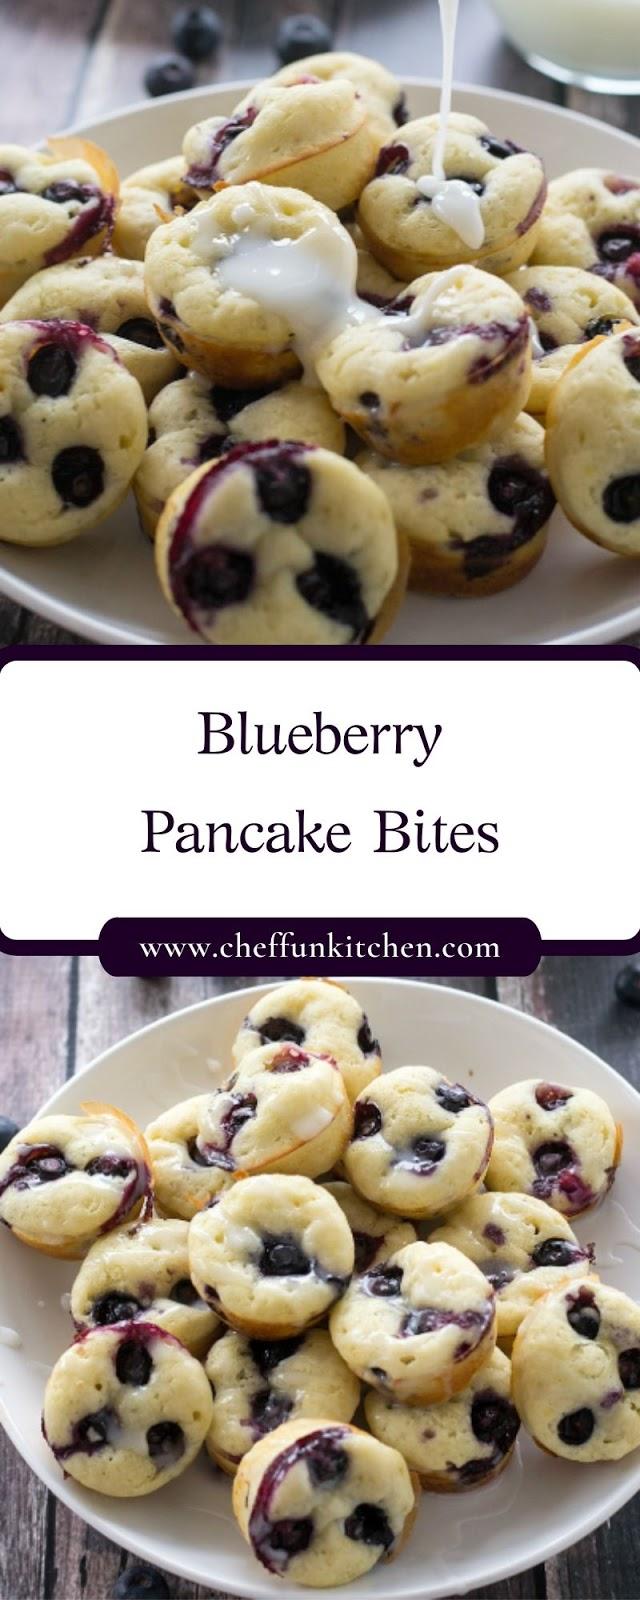 Blueberry Pancake Bites